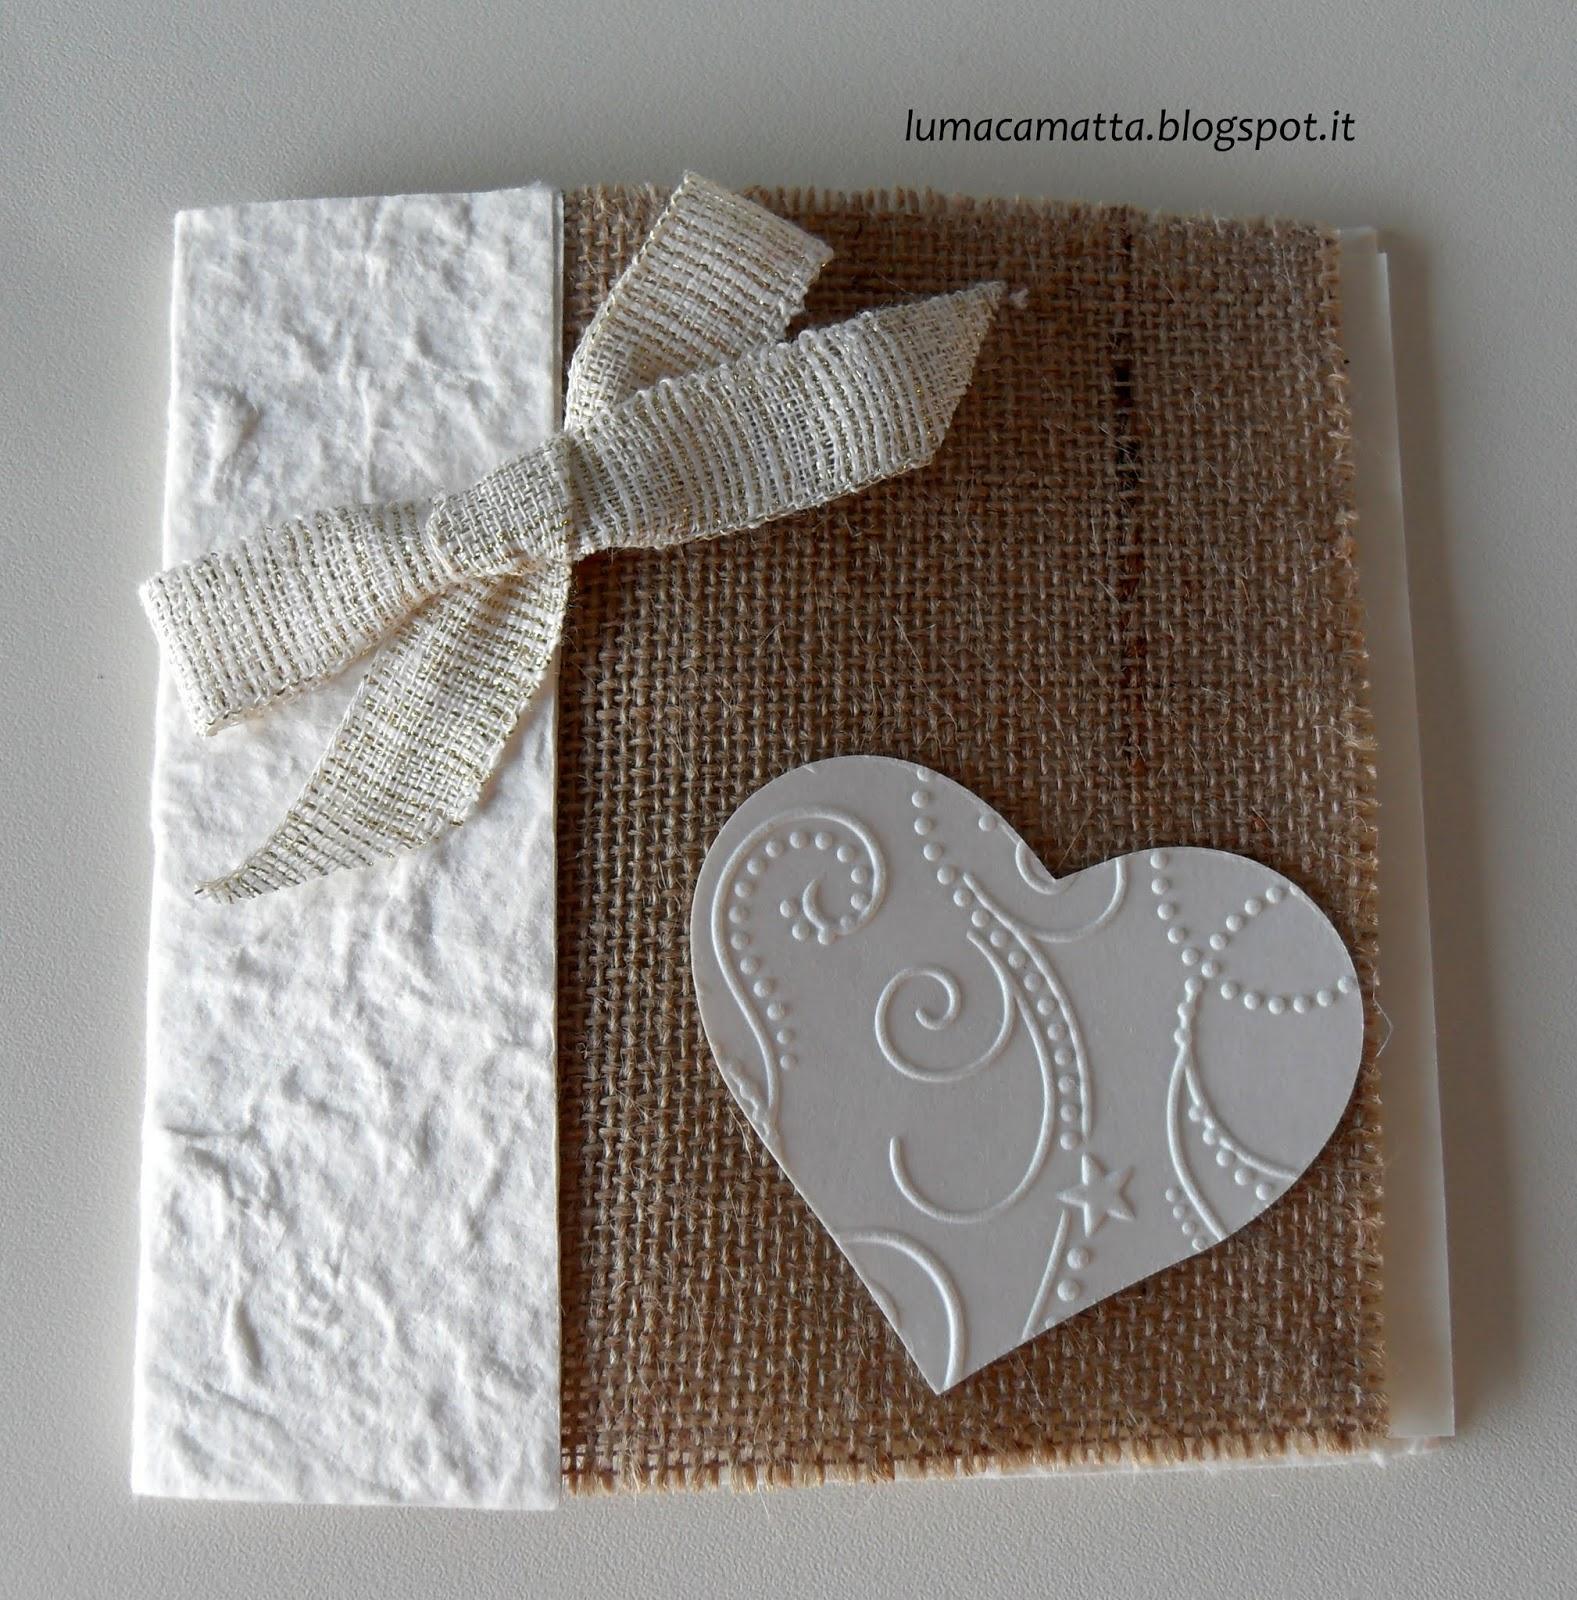 Partecipazioni Matrimonio In Juta : Lumaca matta handmade with love partecipazione di nozze